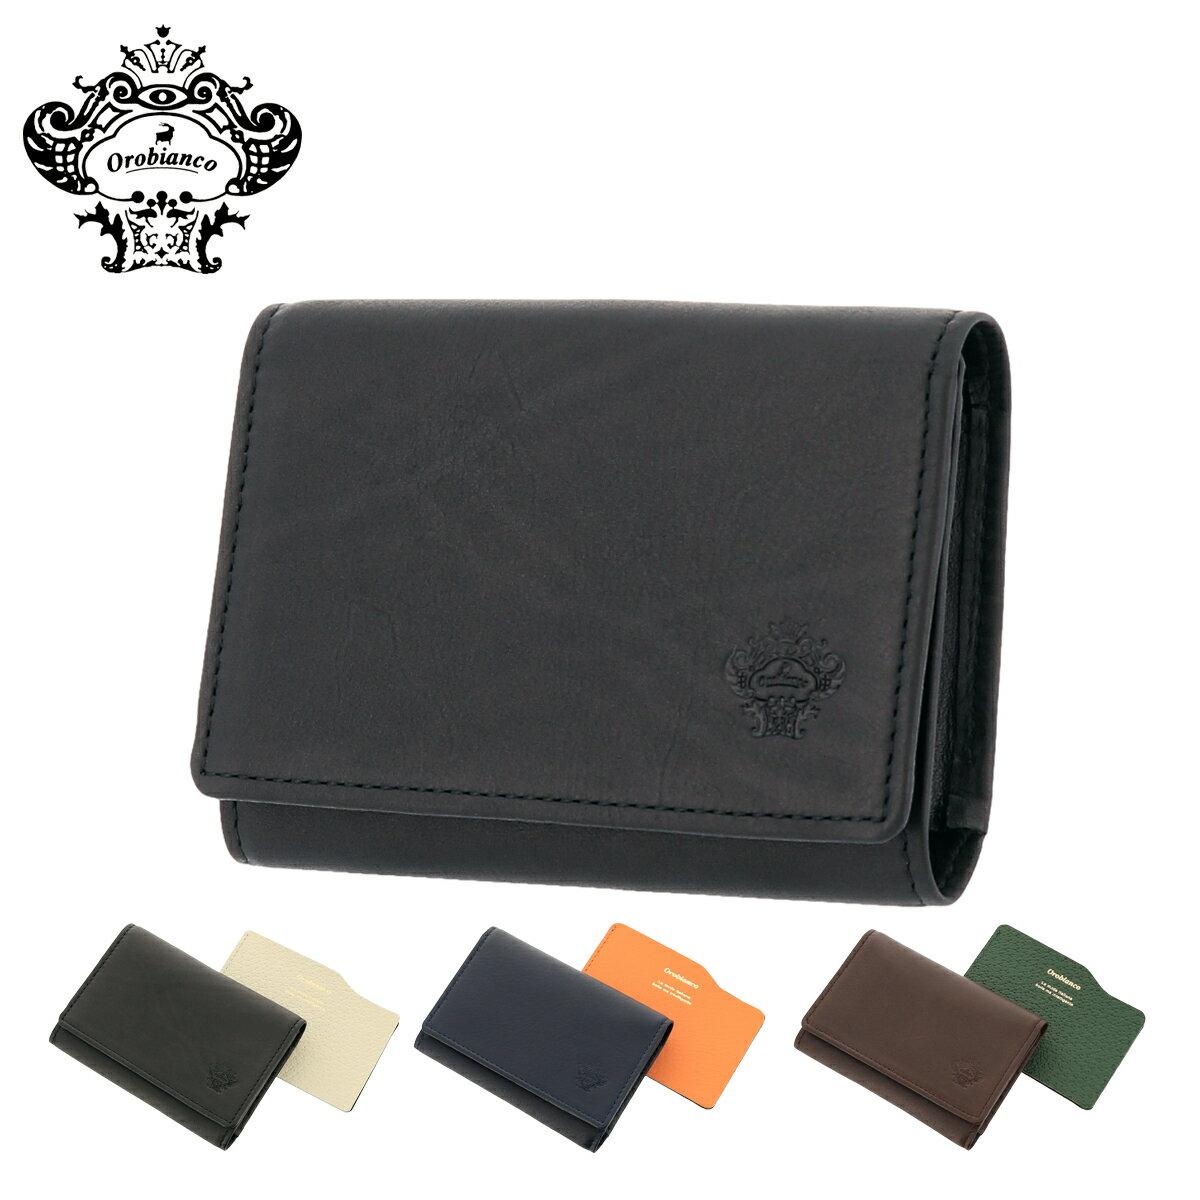 財布・ケース, 名刺入れ  ORS-040909 Orobianco BOX PO5